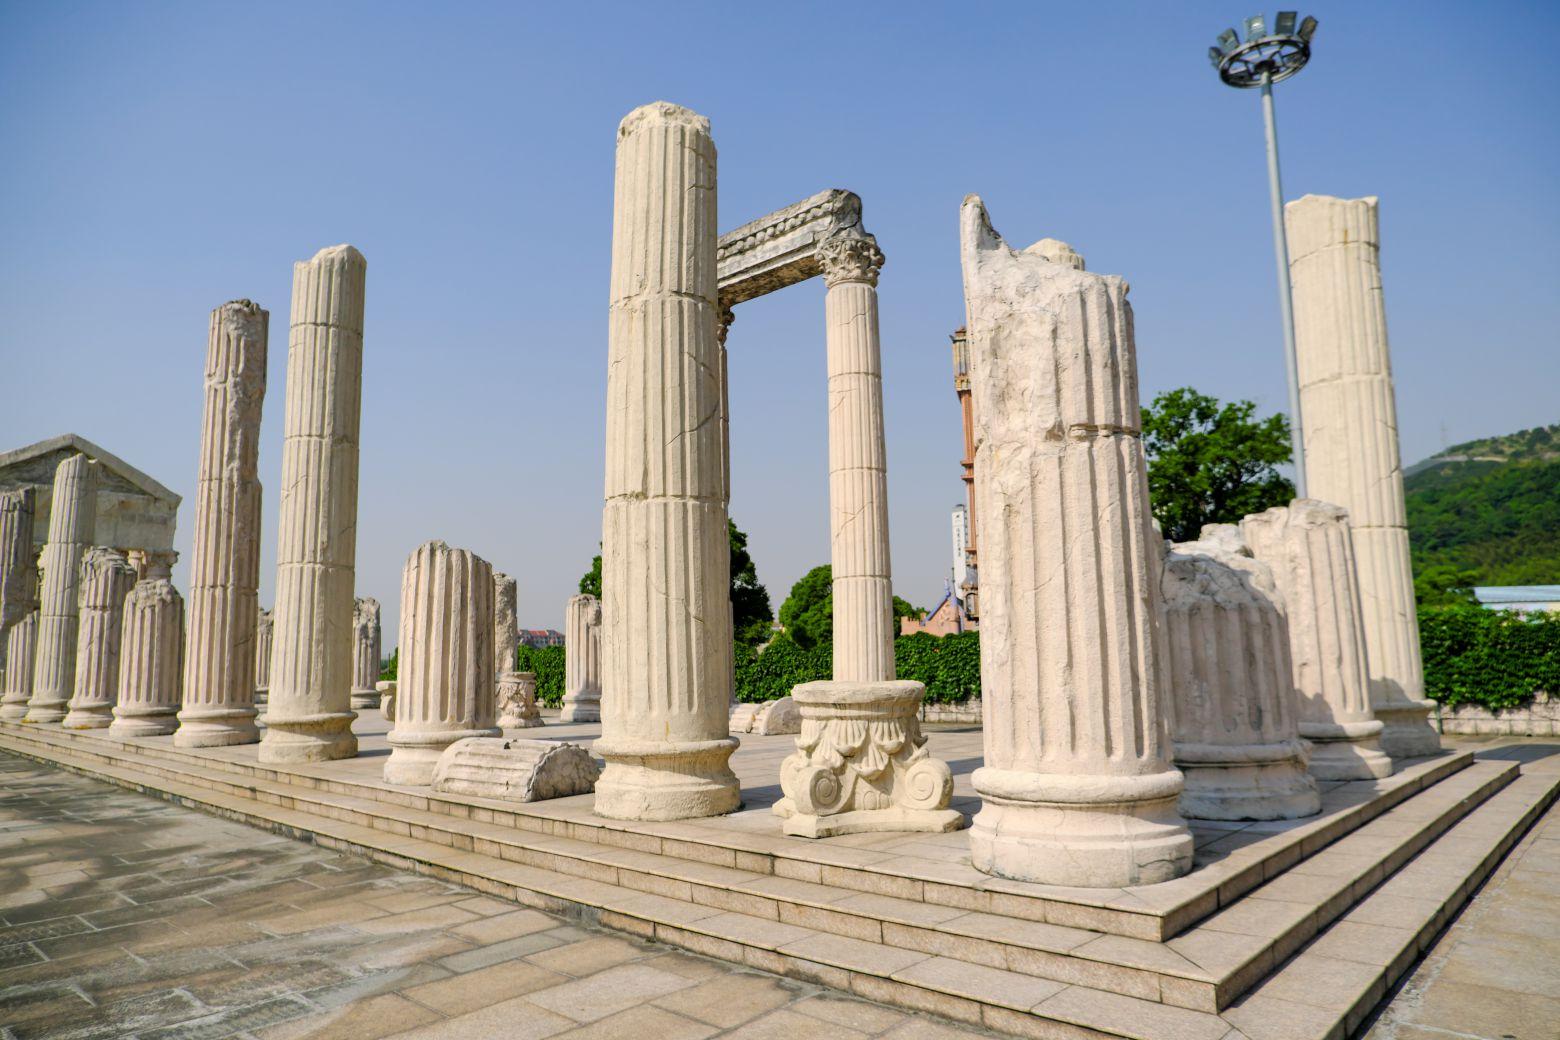 断壁残垣雅典卫城背景 - 免费正版照片下载